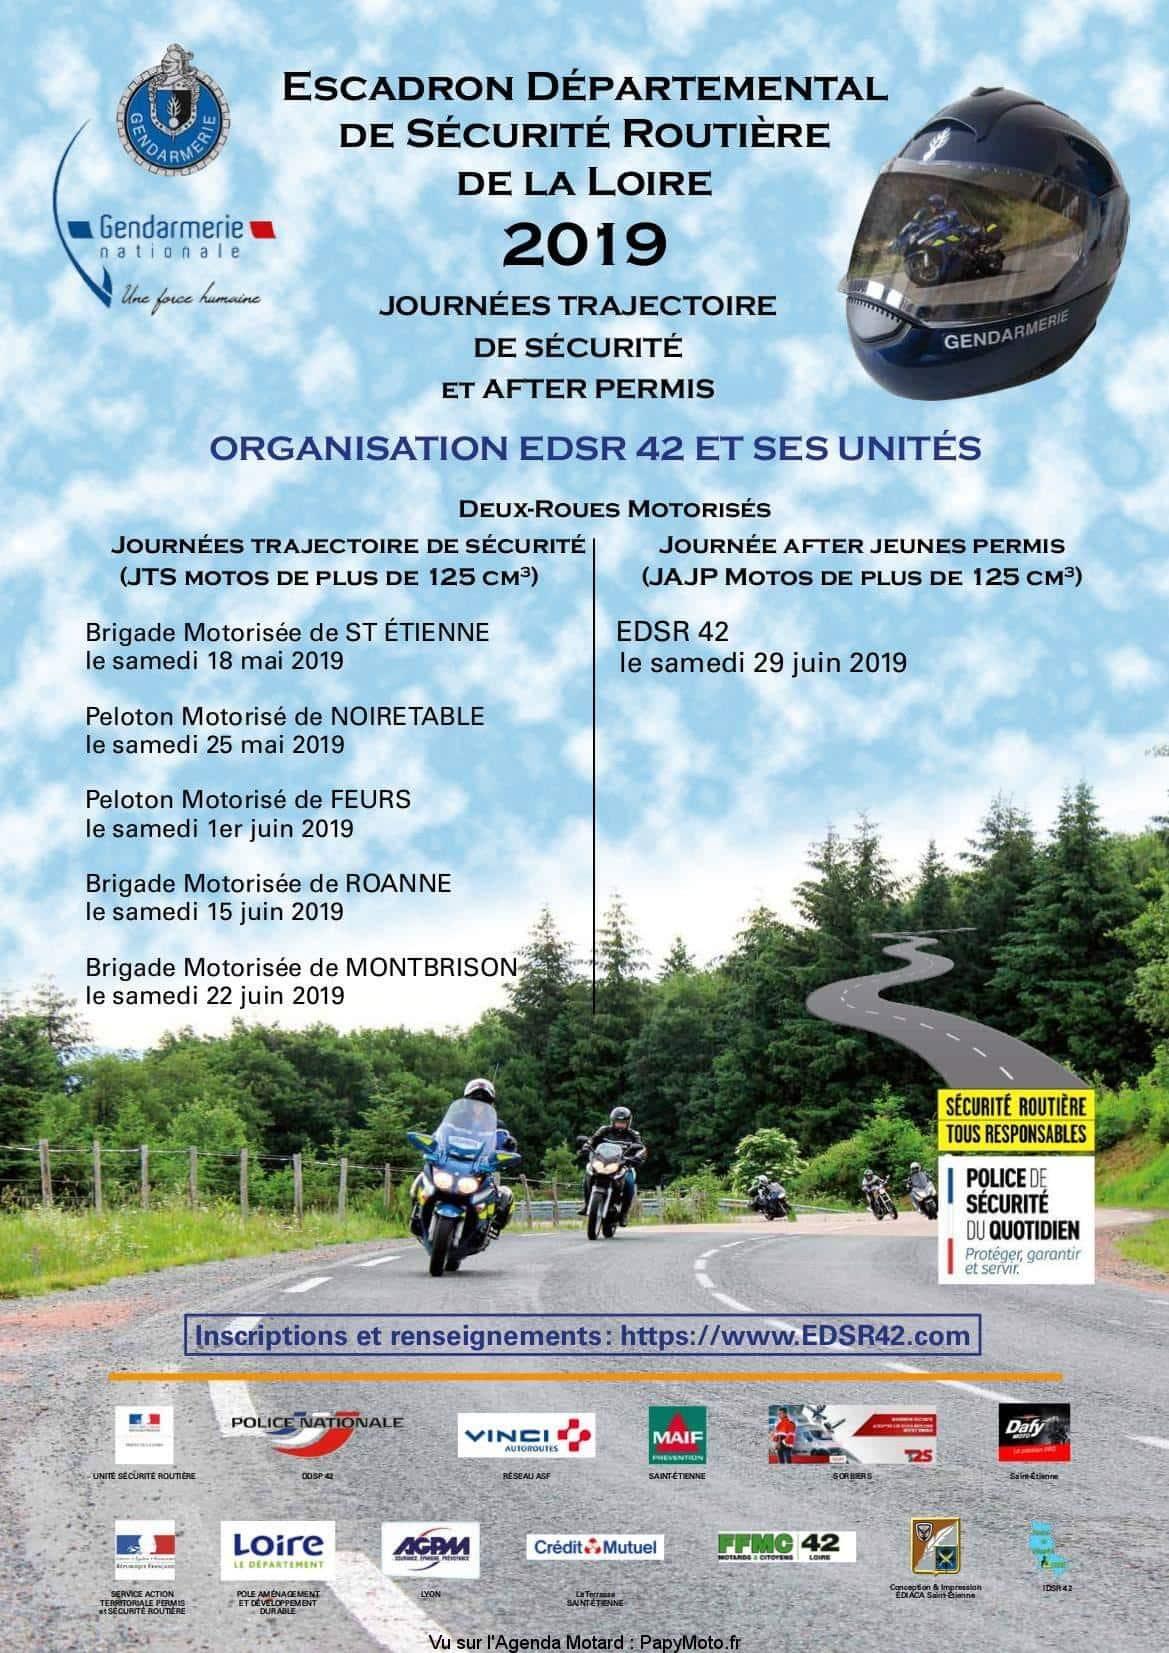 Journées trajectoire de sécurité et after permis – EDSR 42 – Loire (42)